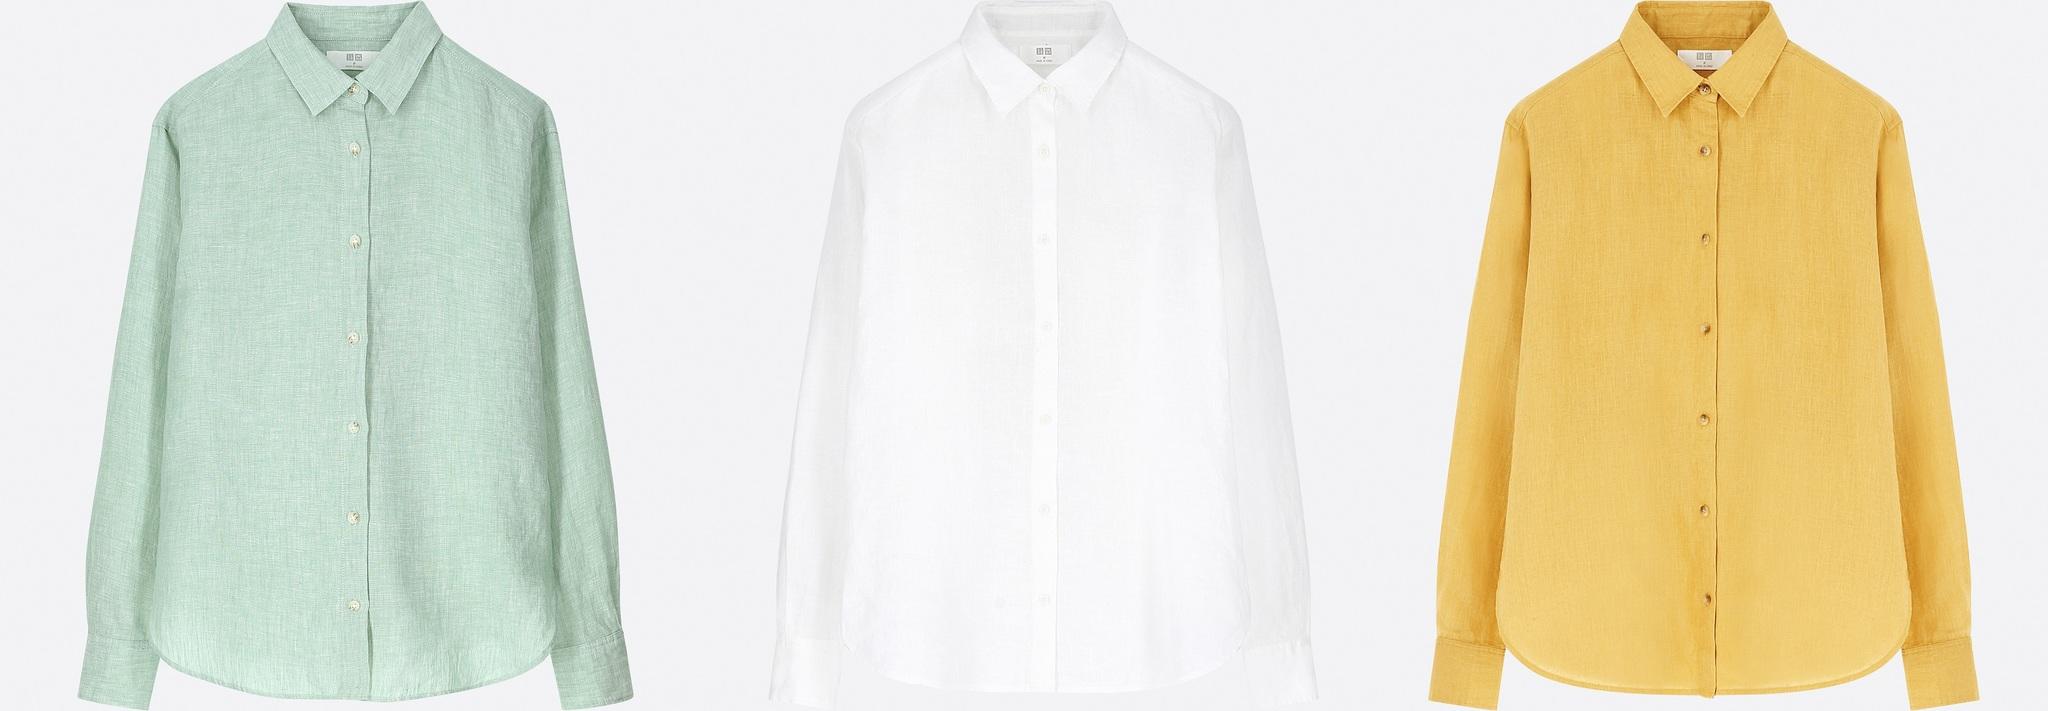 Camisas de la colección Uniqlo 2018.